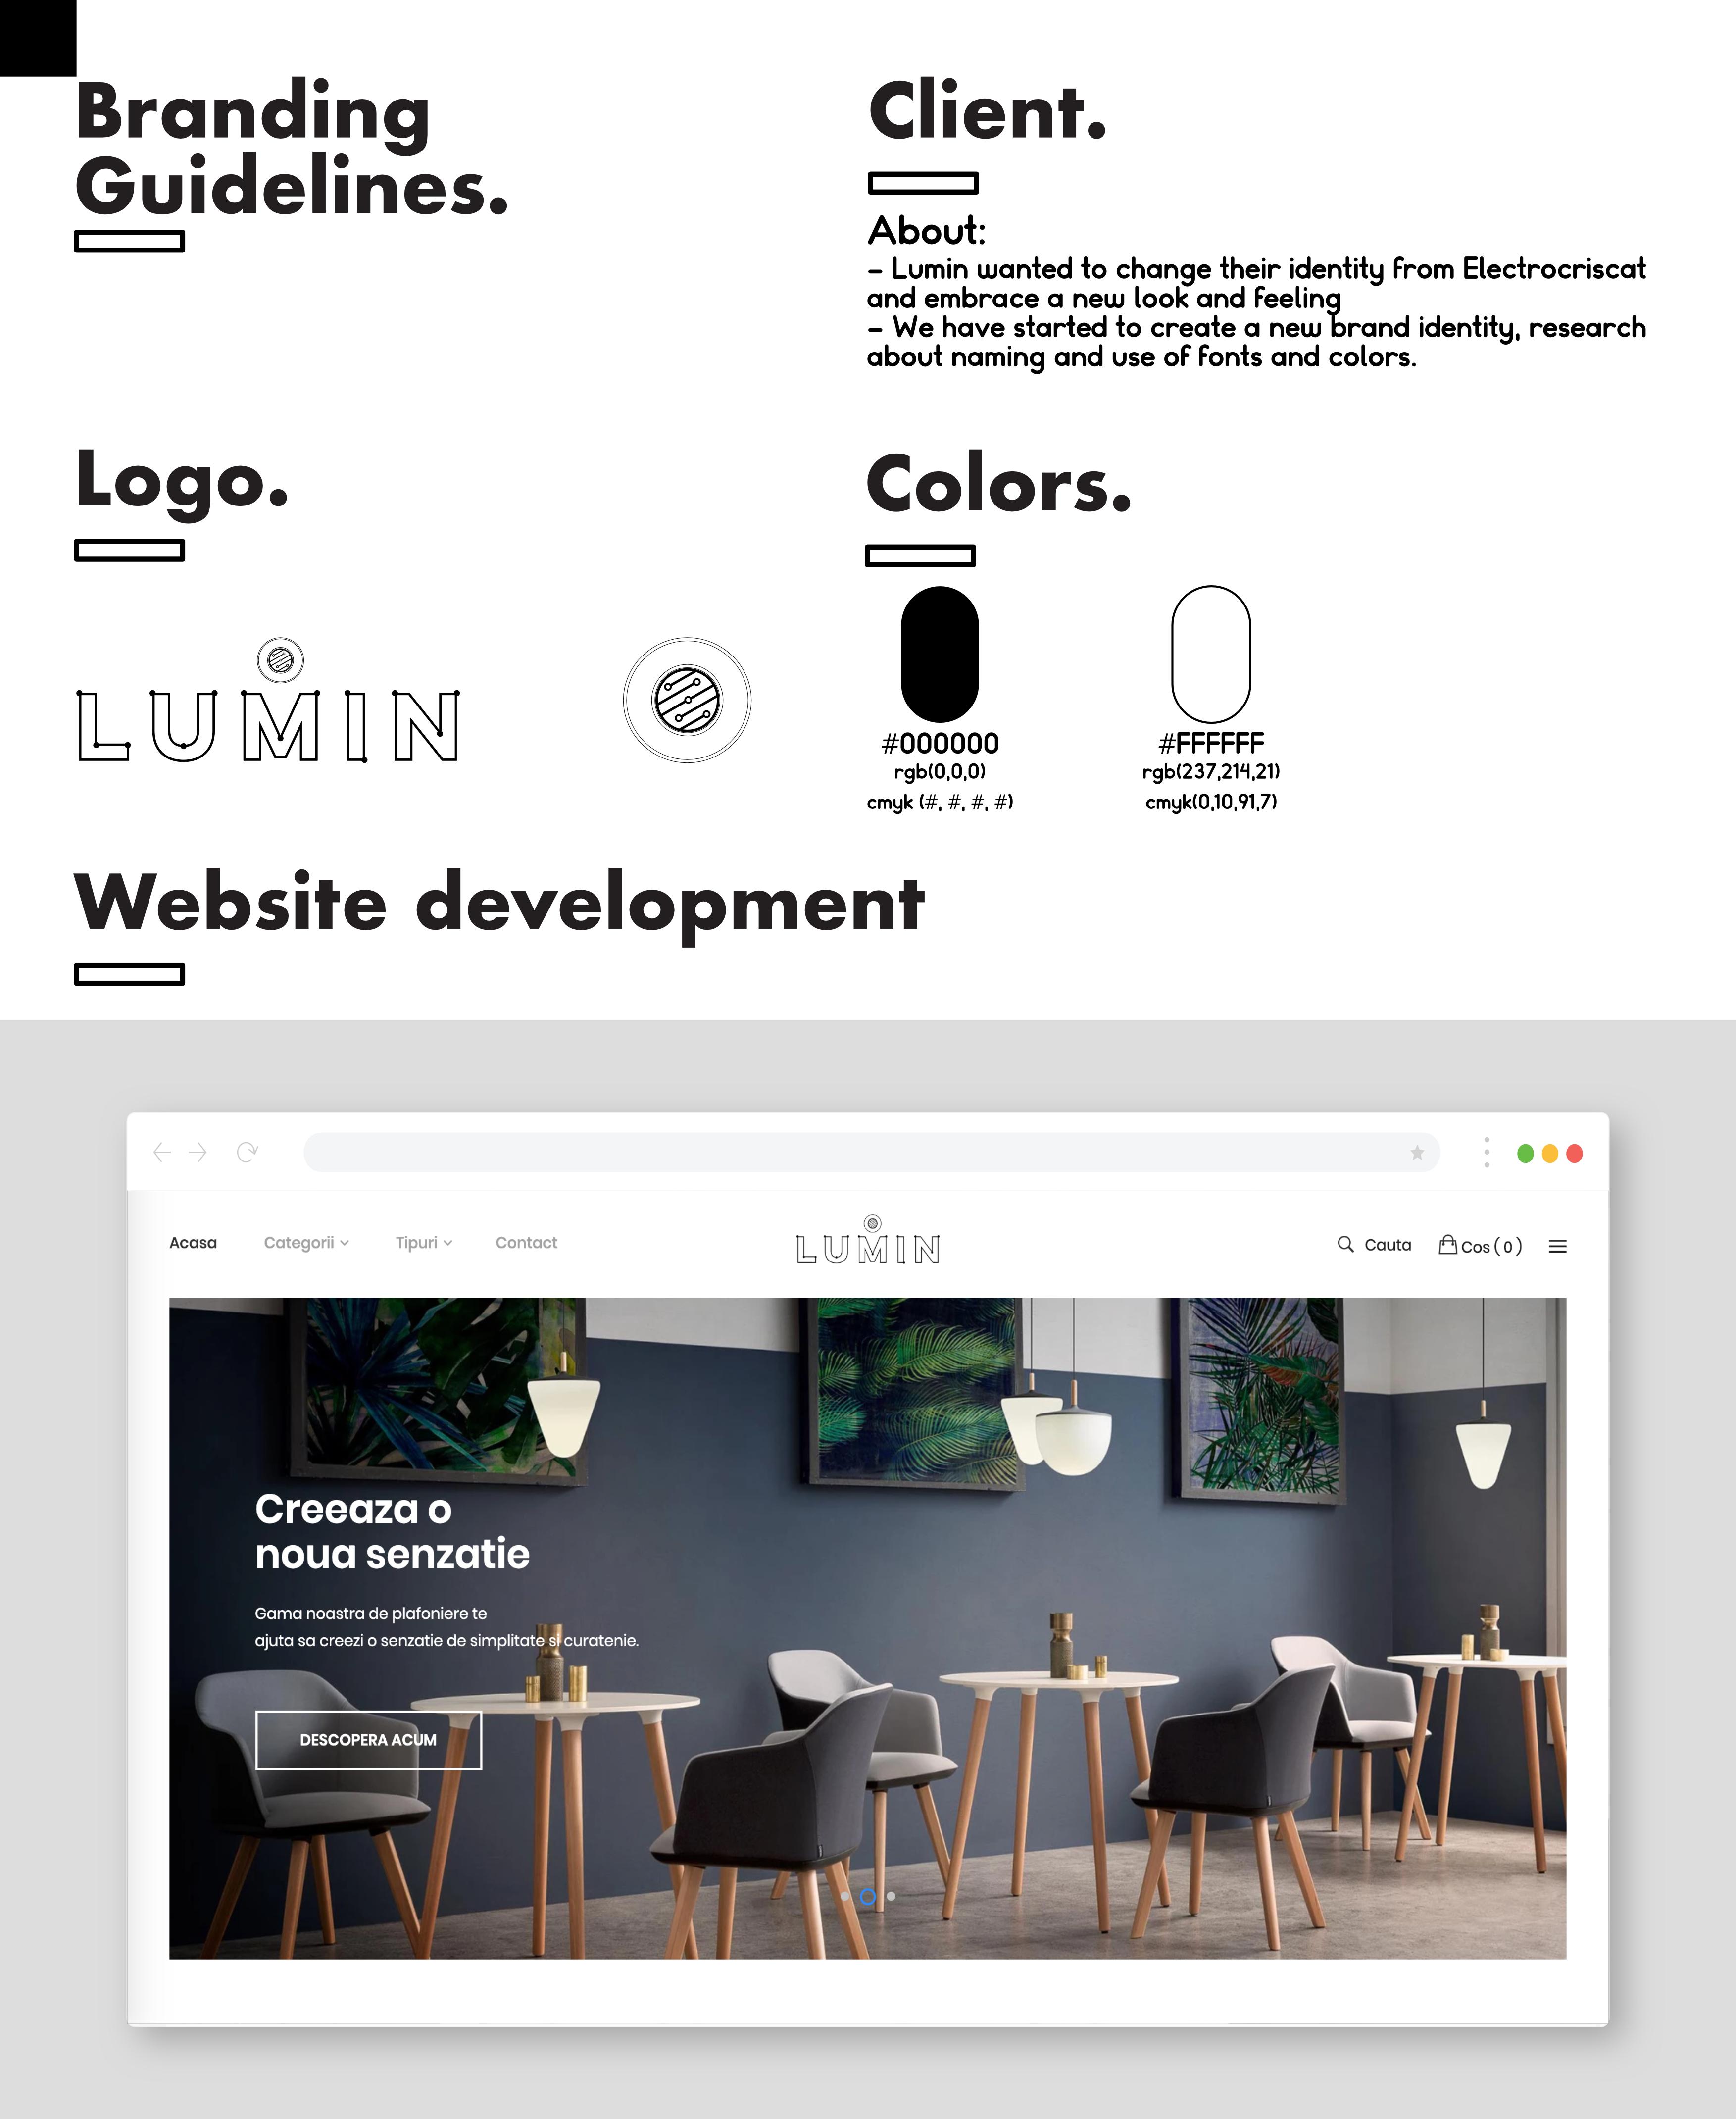 lumin_branding_guidelines